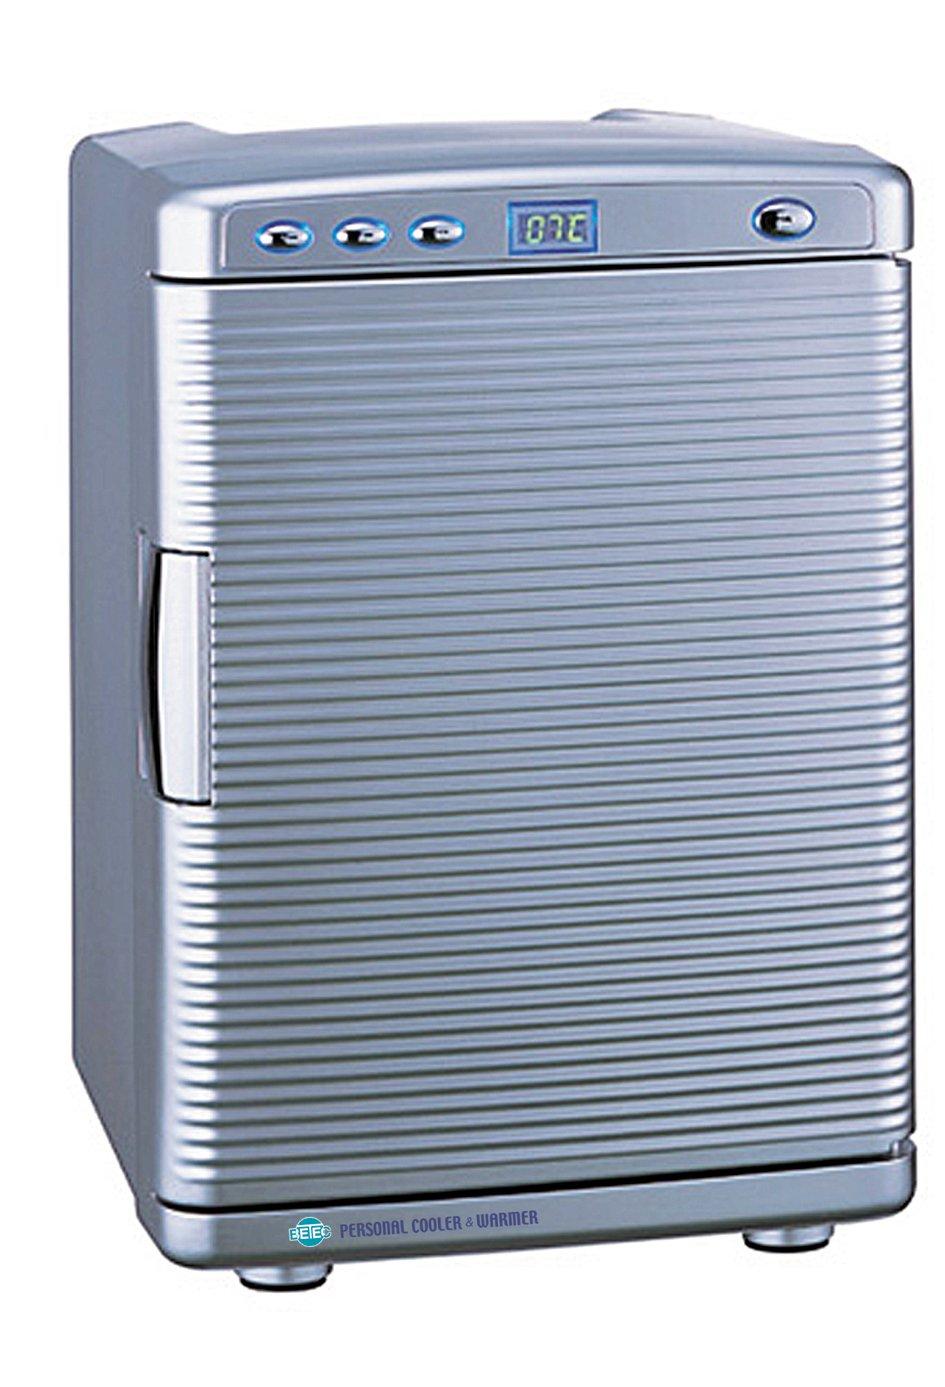 4004 Mini-Kühlschrank - Camping Box - Minibar - Personal Cooler 20 ...